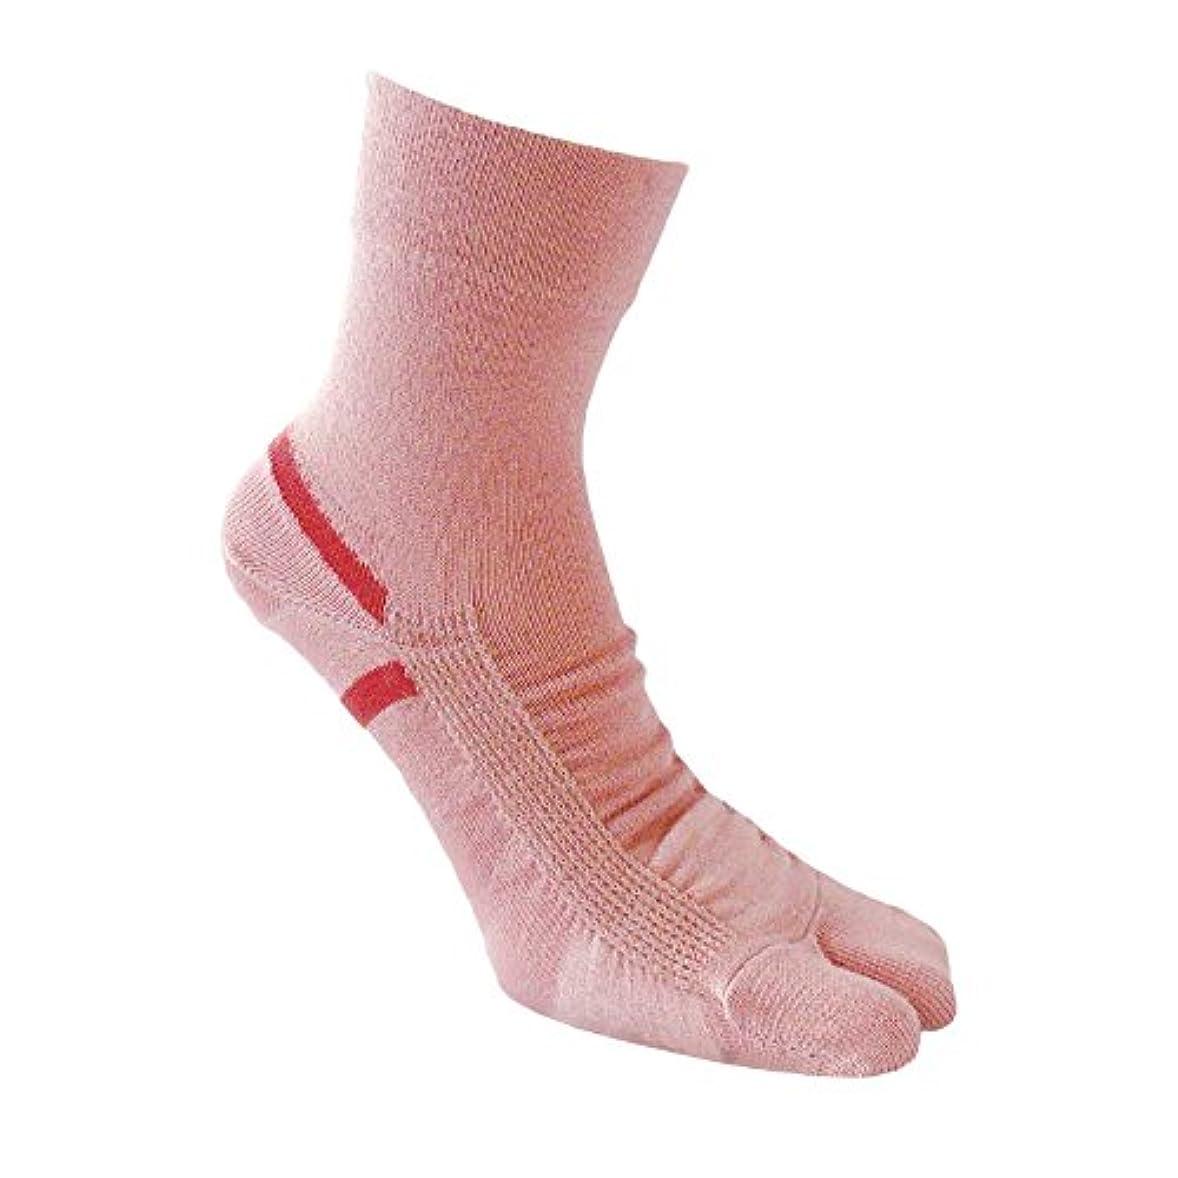 池マチュピチュ所有者bonbone つま先サポートソックス 女性用  ピンク 22-25cm